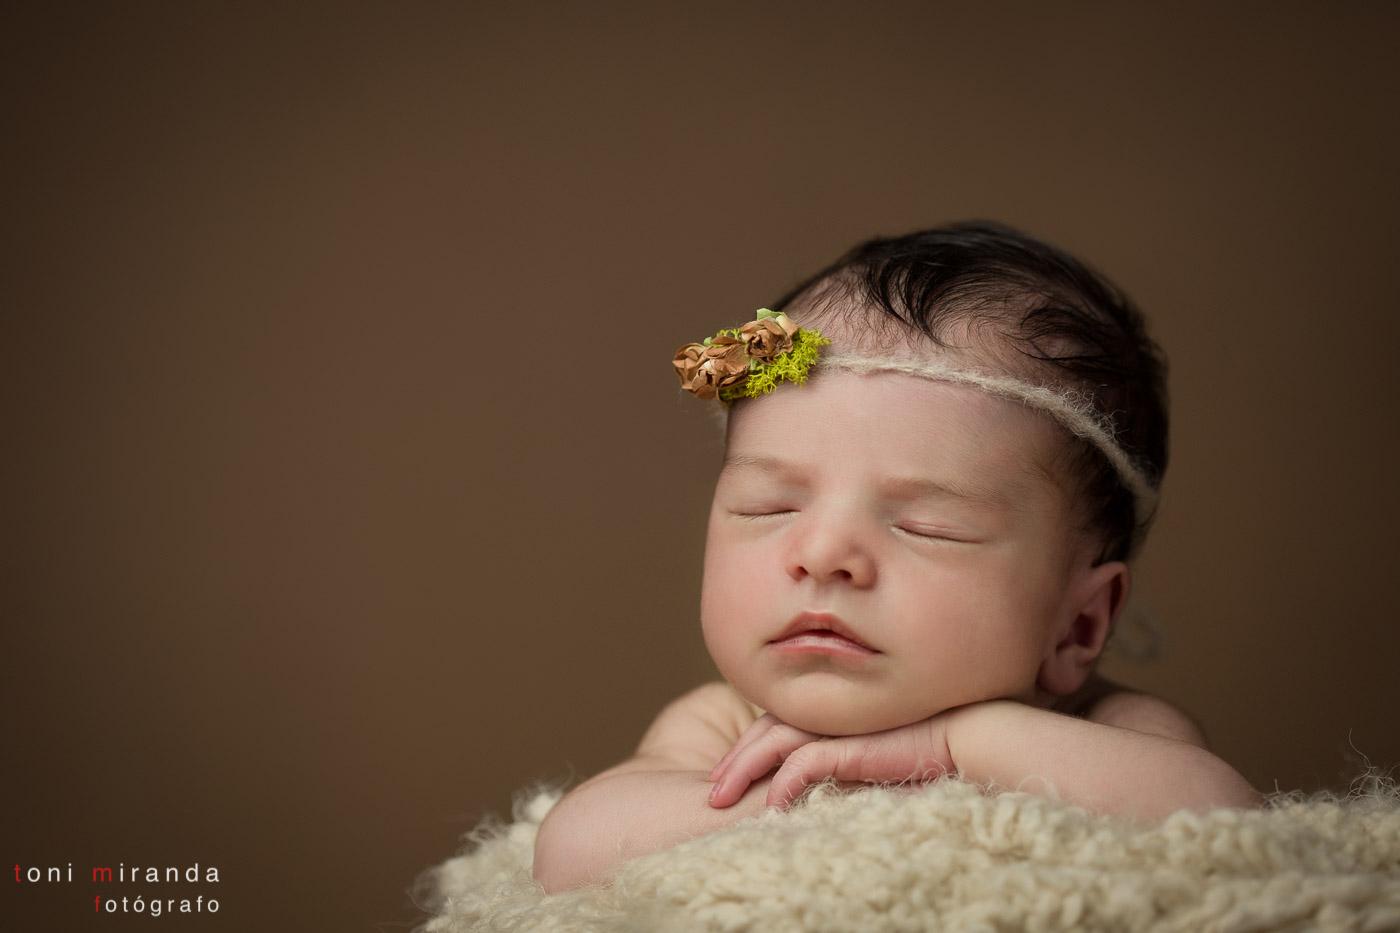 Recien nacida en alcoy durmiendo con diadema